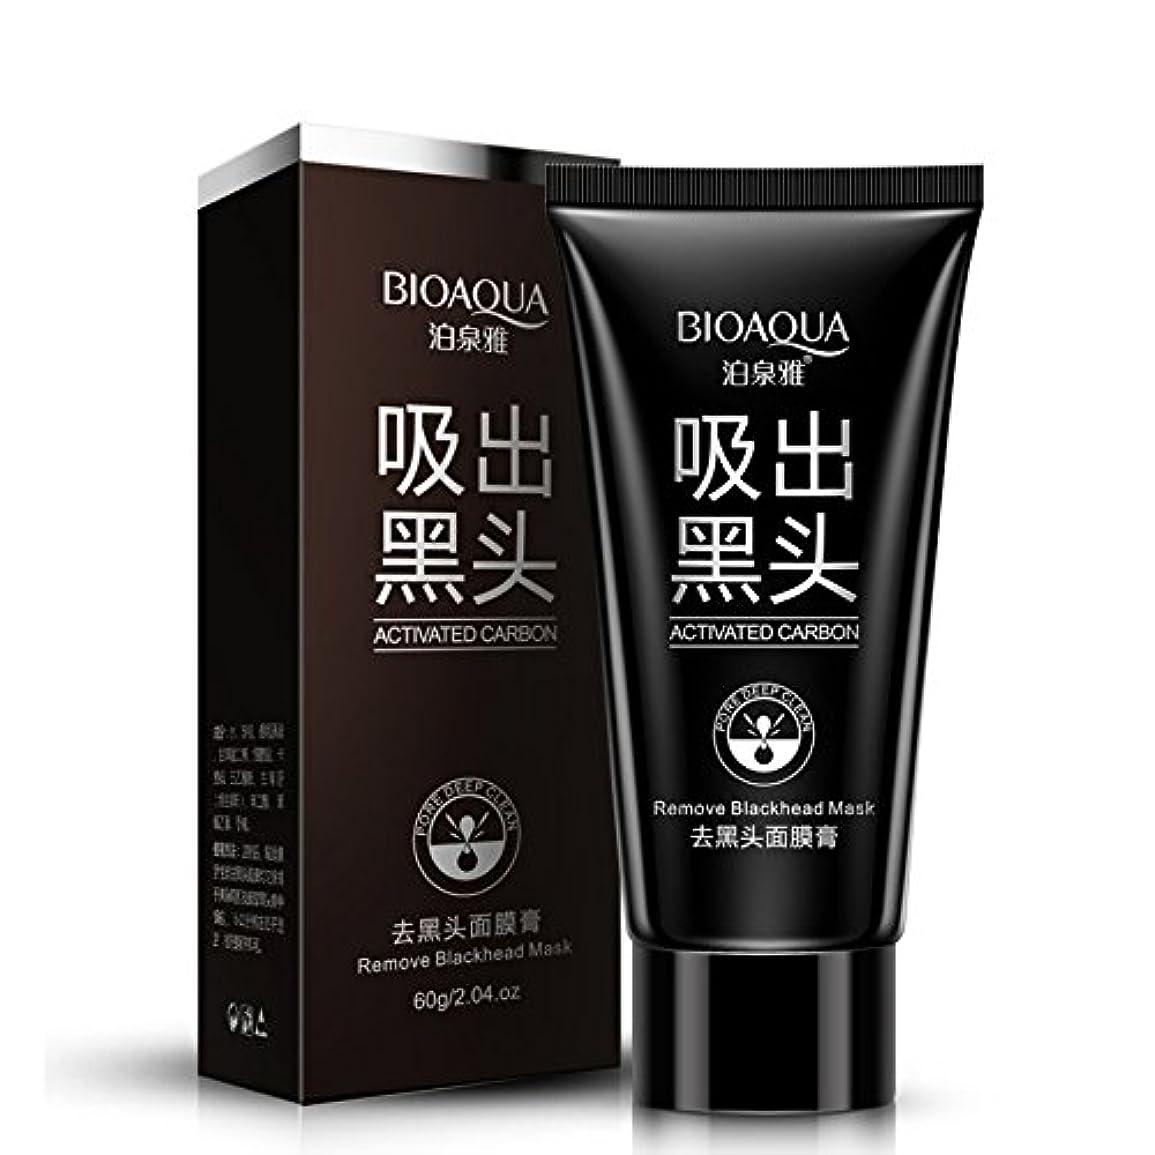 アブストラクト甘やかす冷ややかなSuction Black Mask Shrink Black Head Spots Pores,Face Mask Blackhead Removal Blackheads Cosmetics Facials Moisturizing...